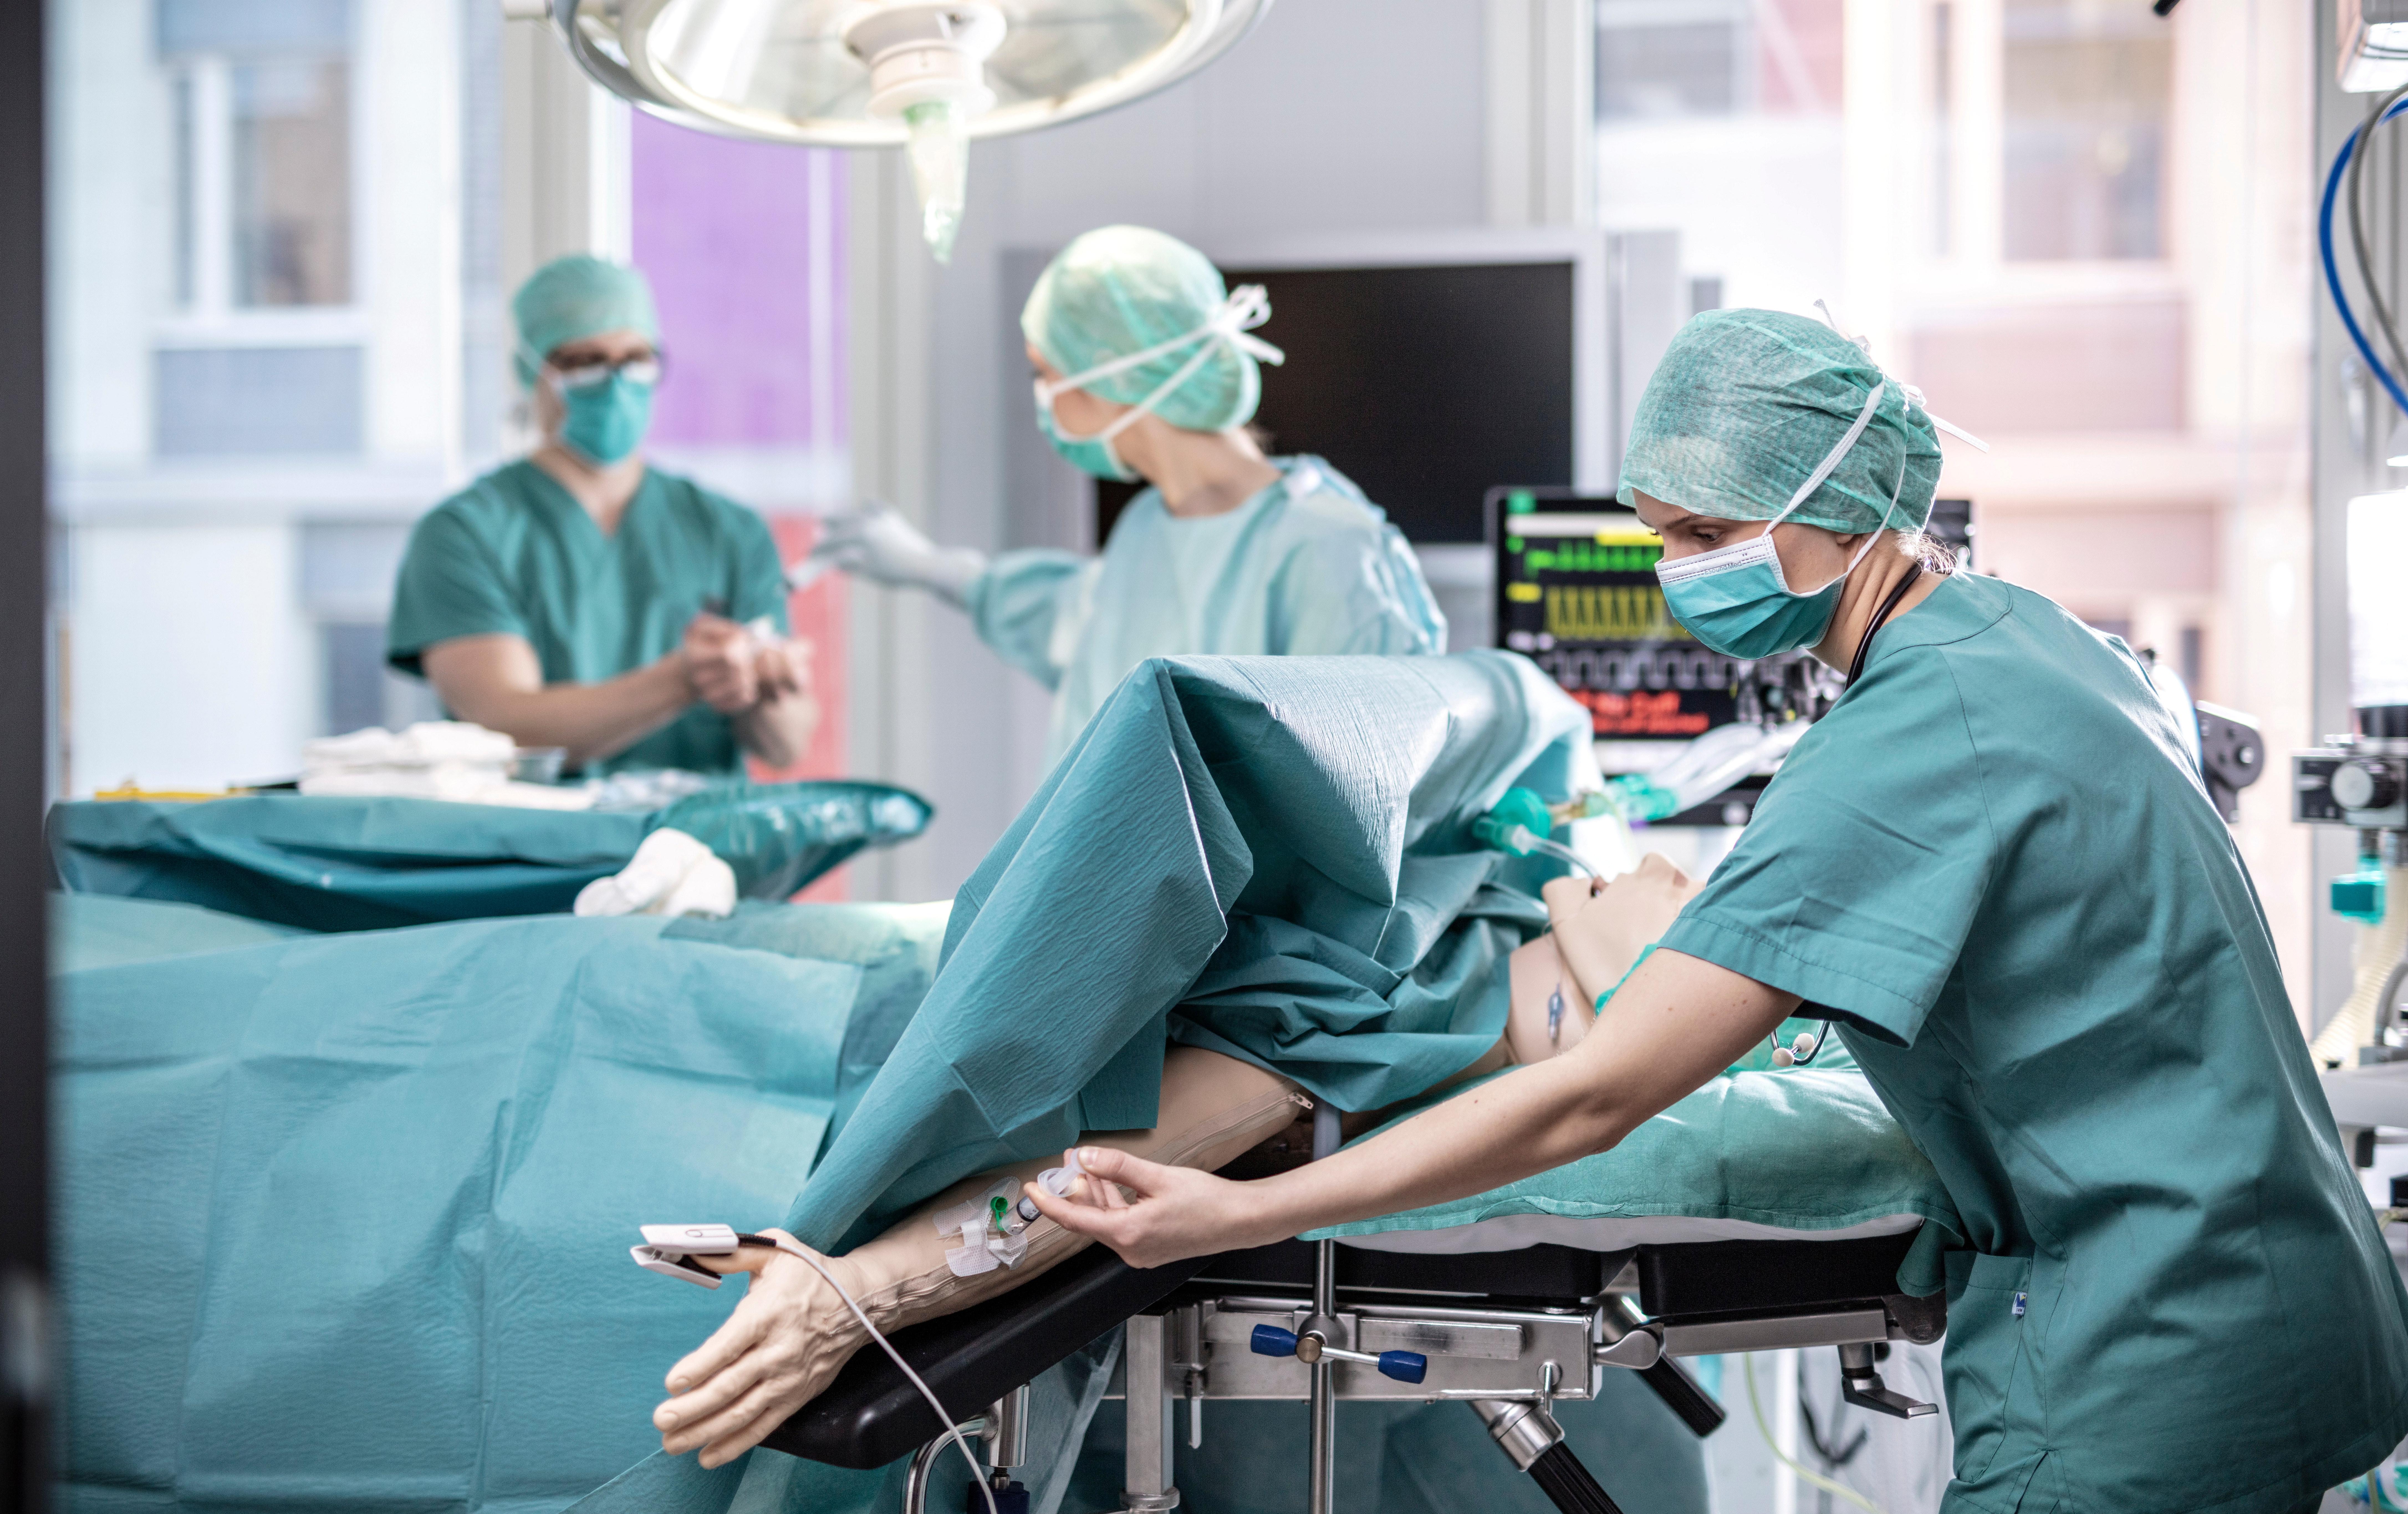 Anestesisykepleierstudenter med pasientsimulator. Bilde